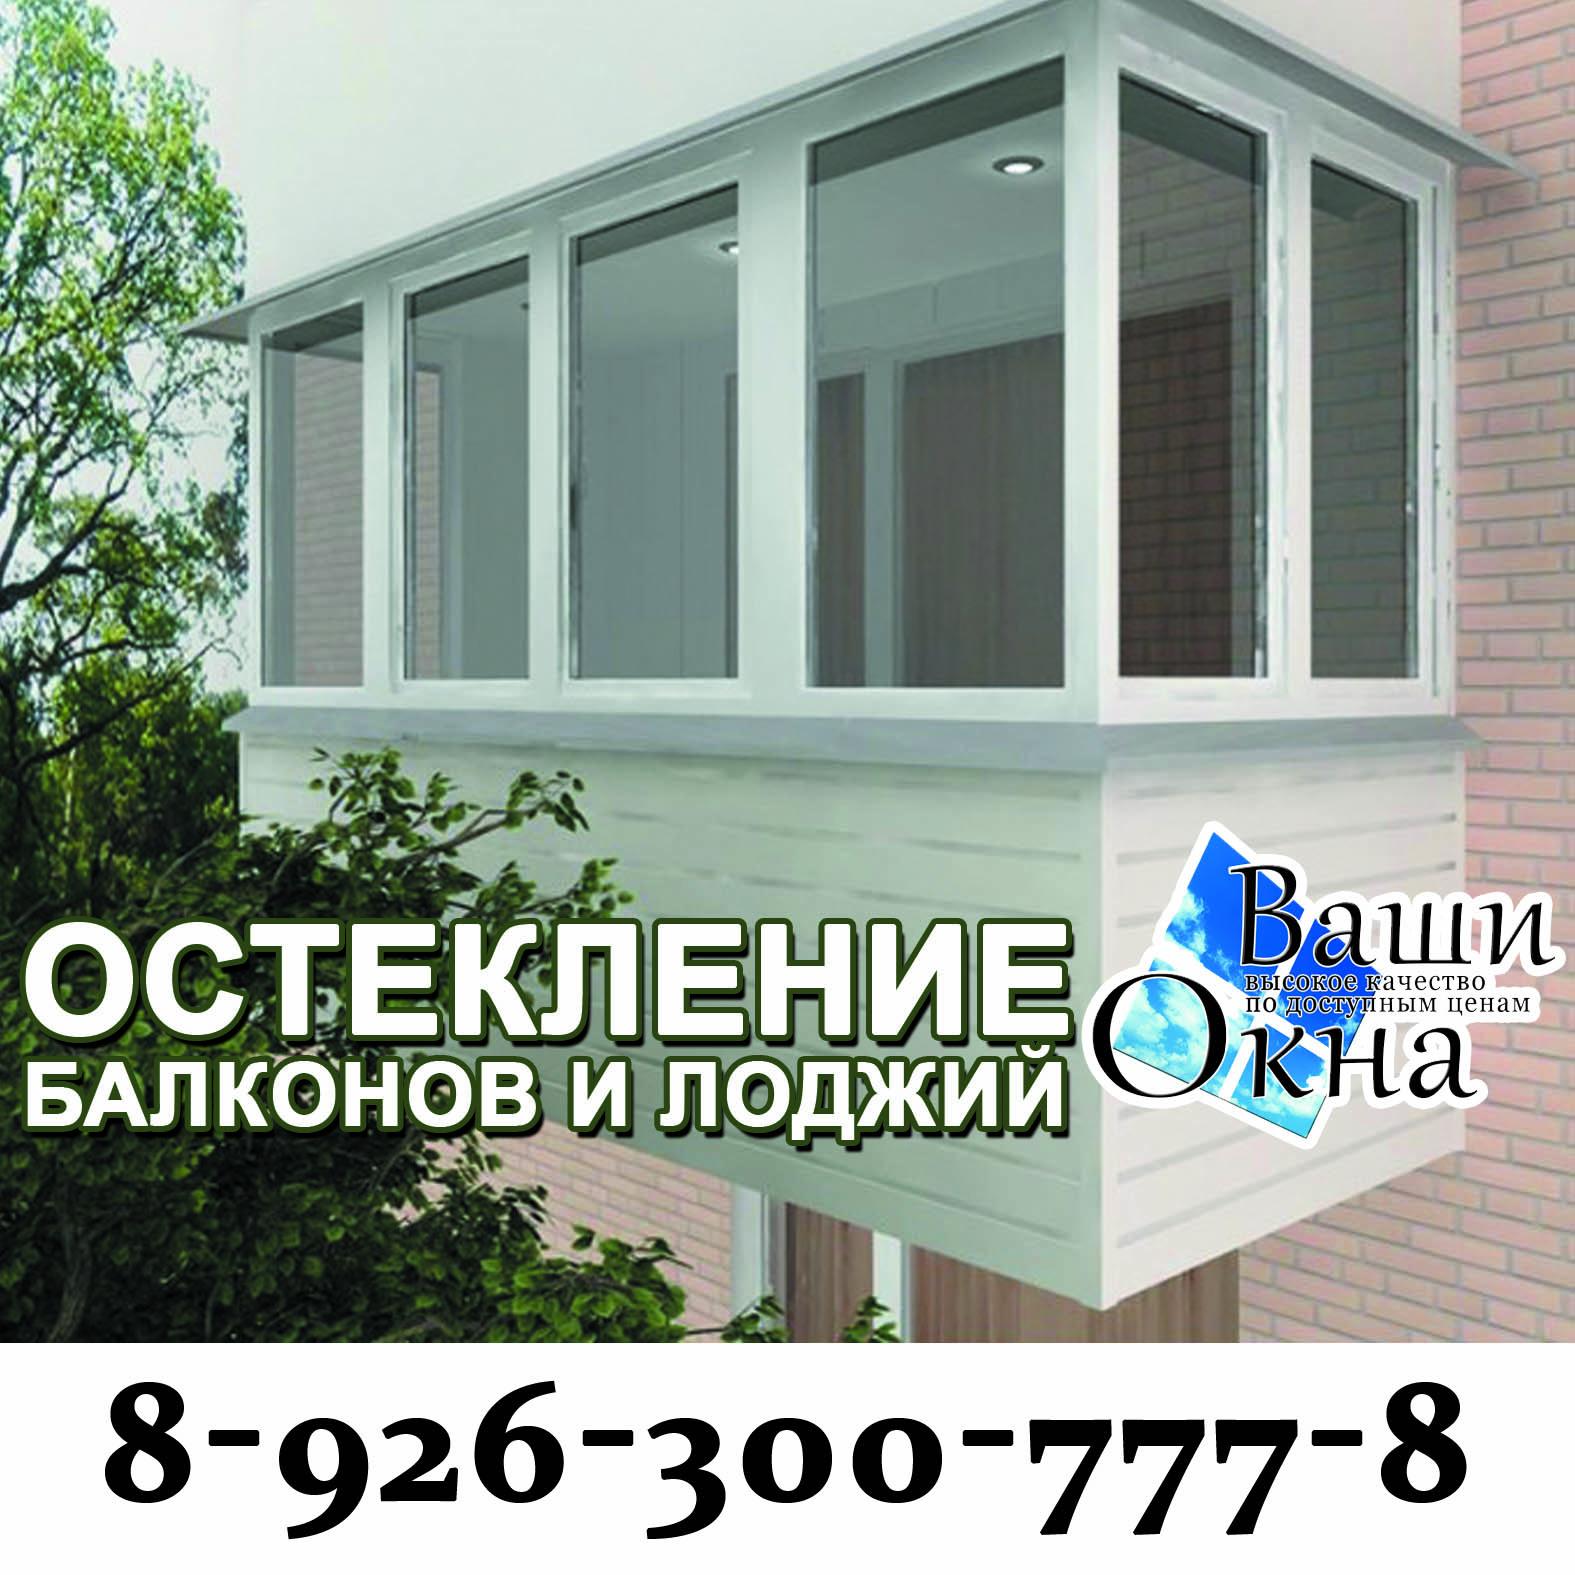 Остекление балконов под ключ в московской области сайт новей.